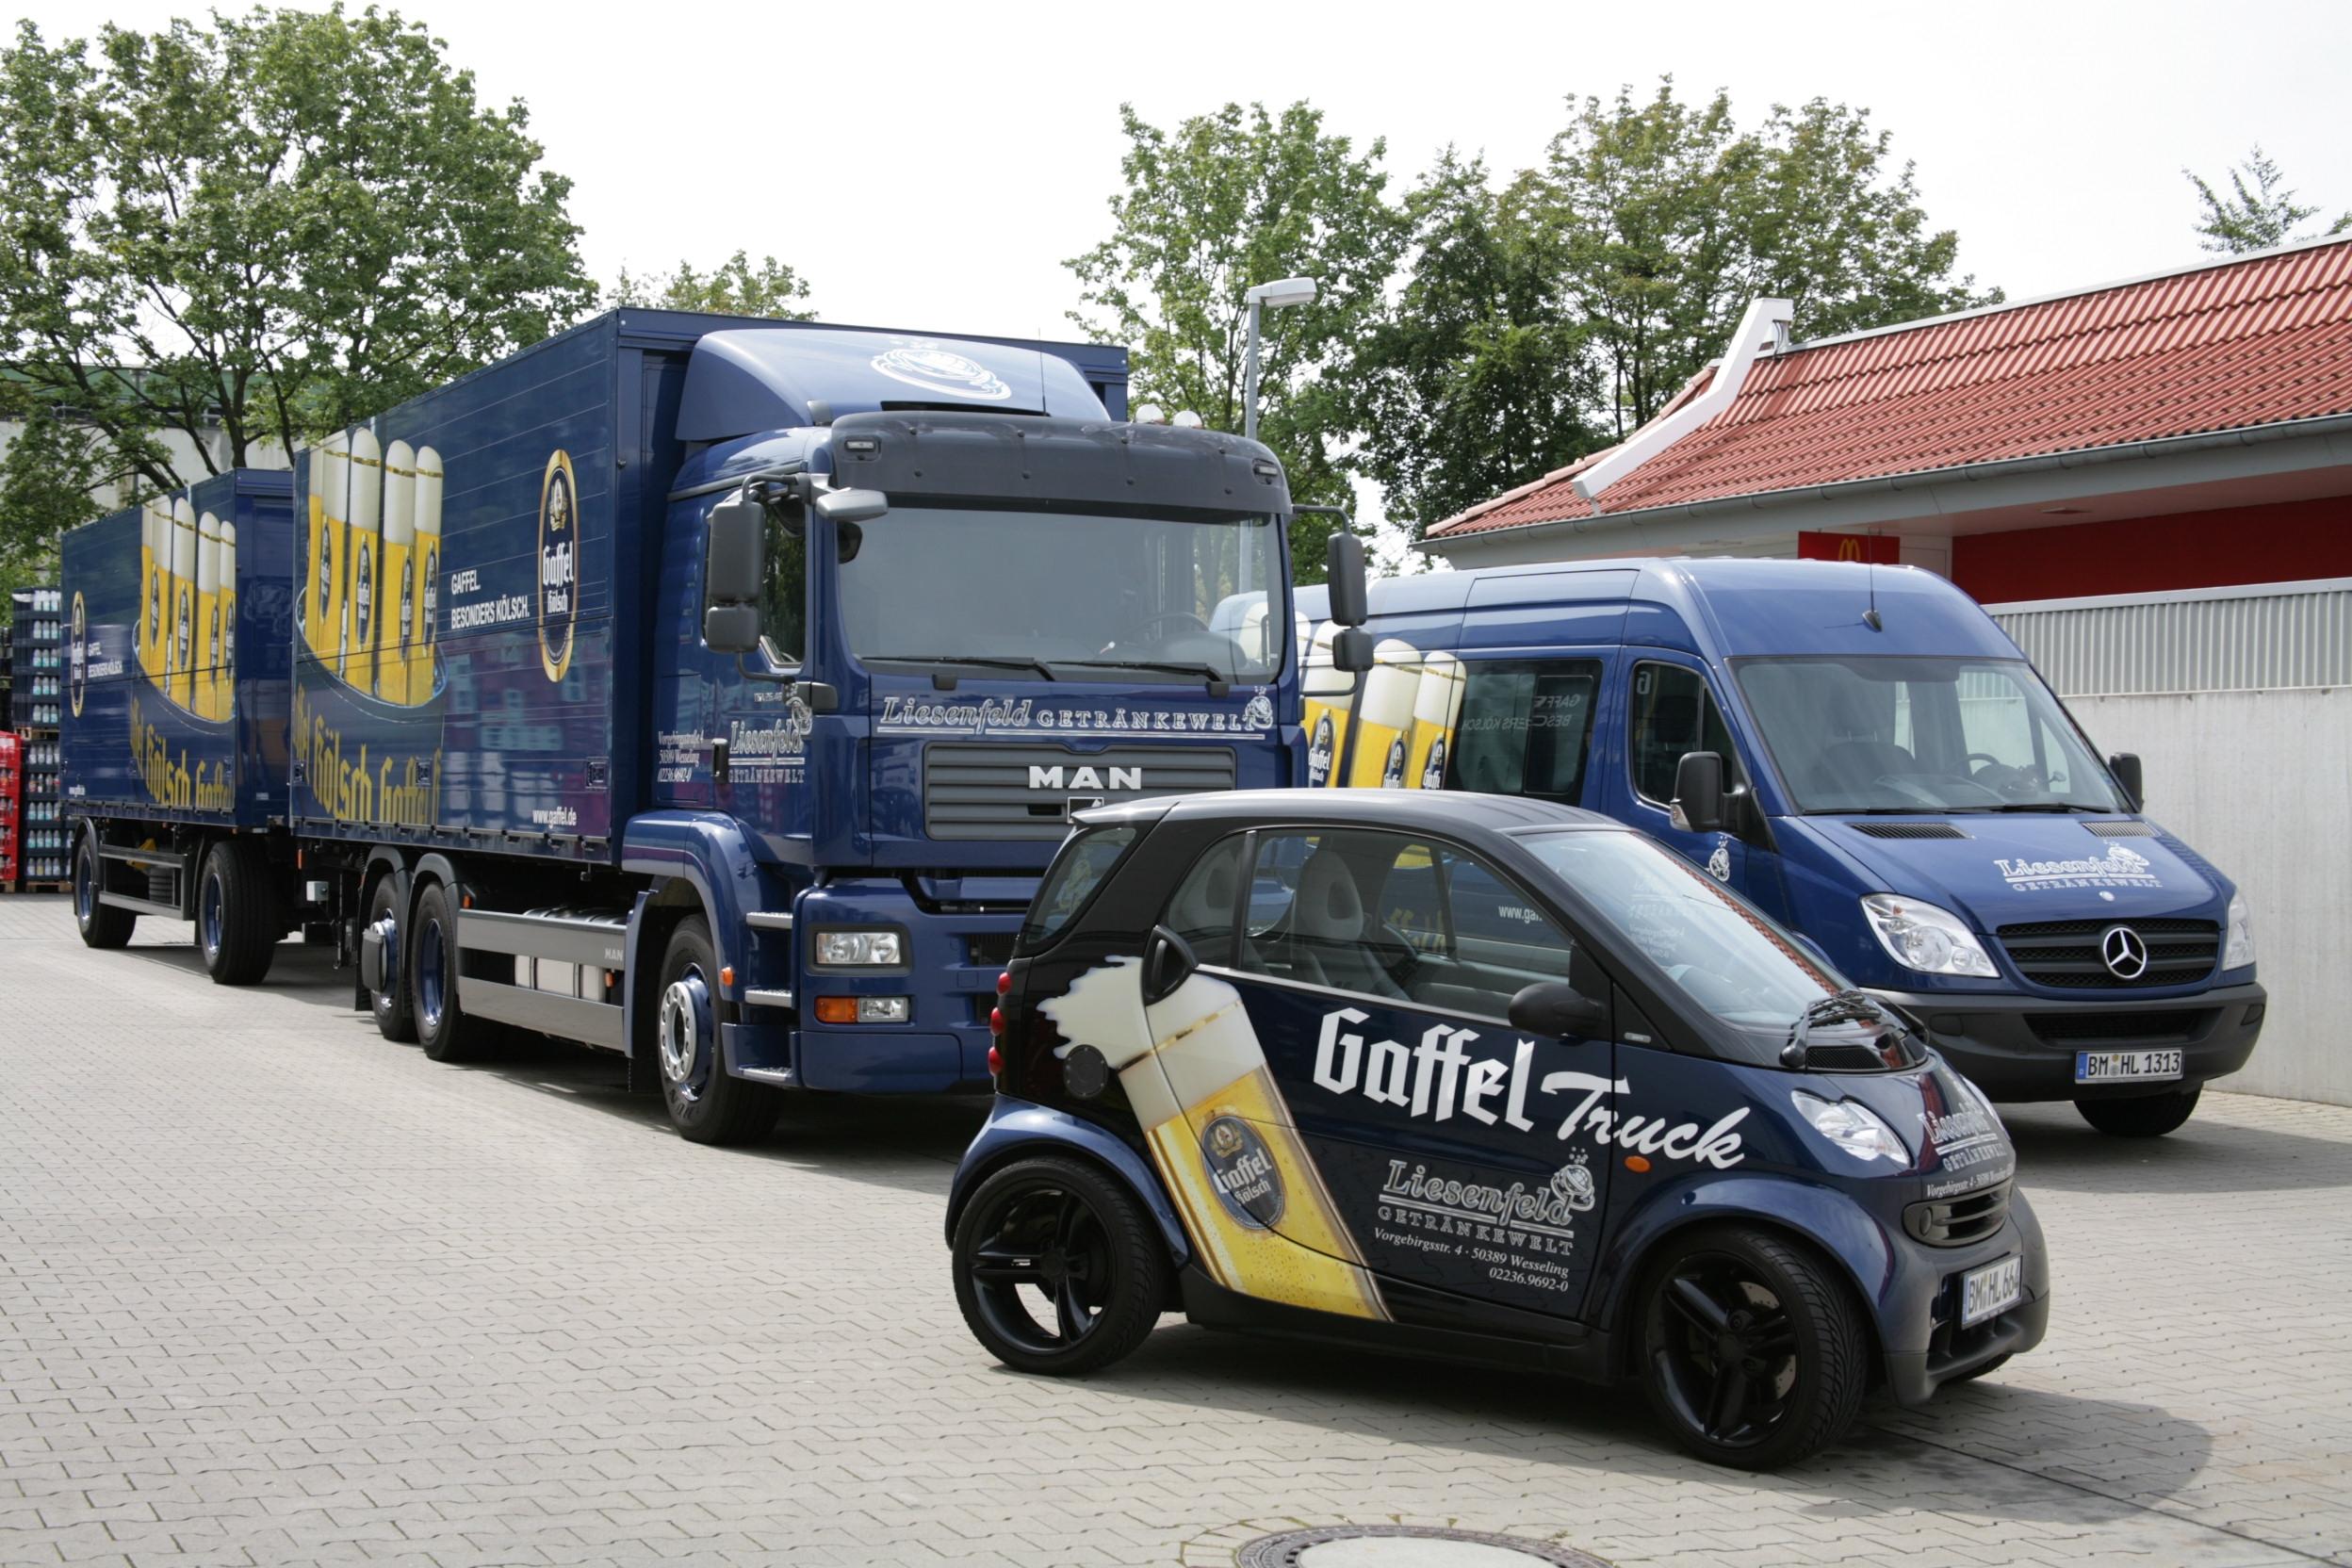 Datei:Gaffel kölsch - gaffel trucks liesenfeld getränkewelt.jpg ...